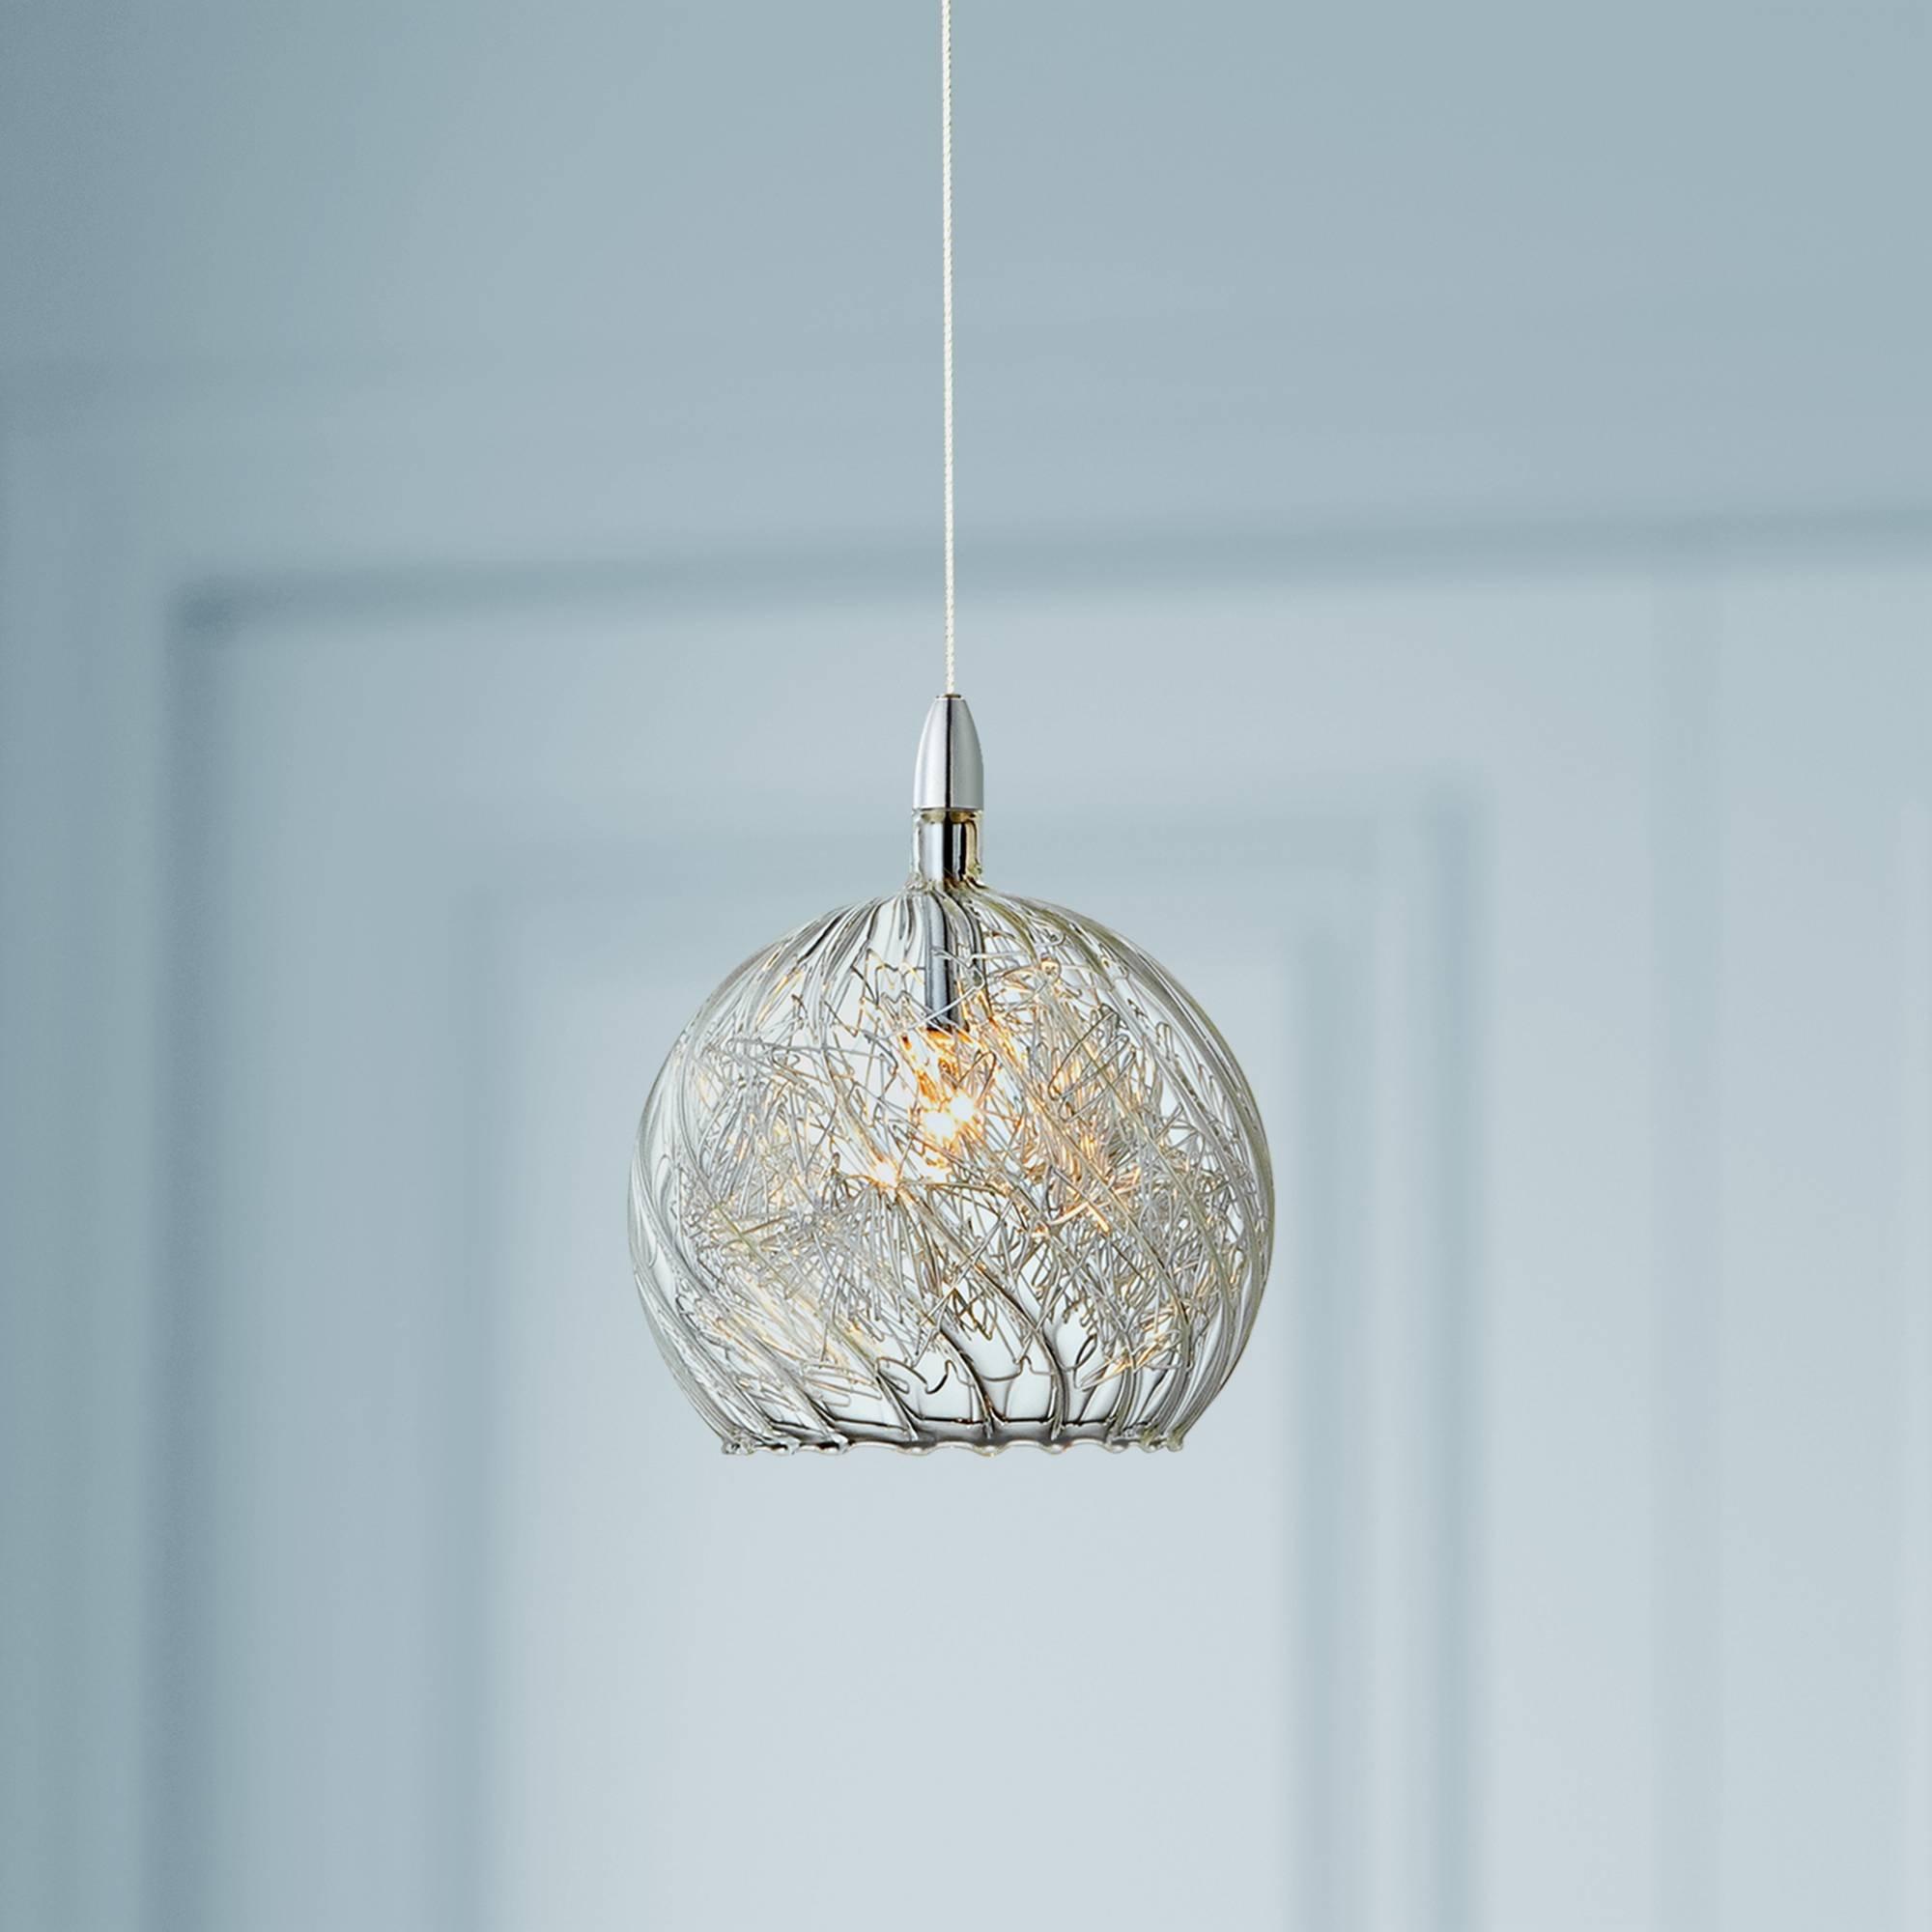 Possini Euro 4 1/2'' Wide Swirl Wire Glass Mini Pendant Light - Possini Euro Design